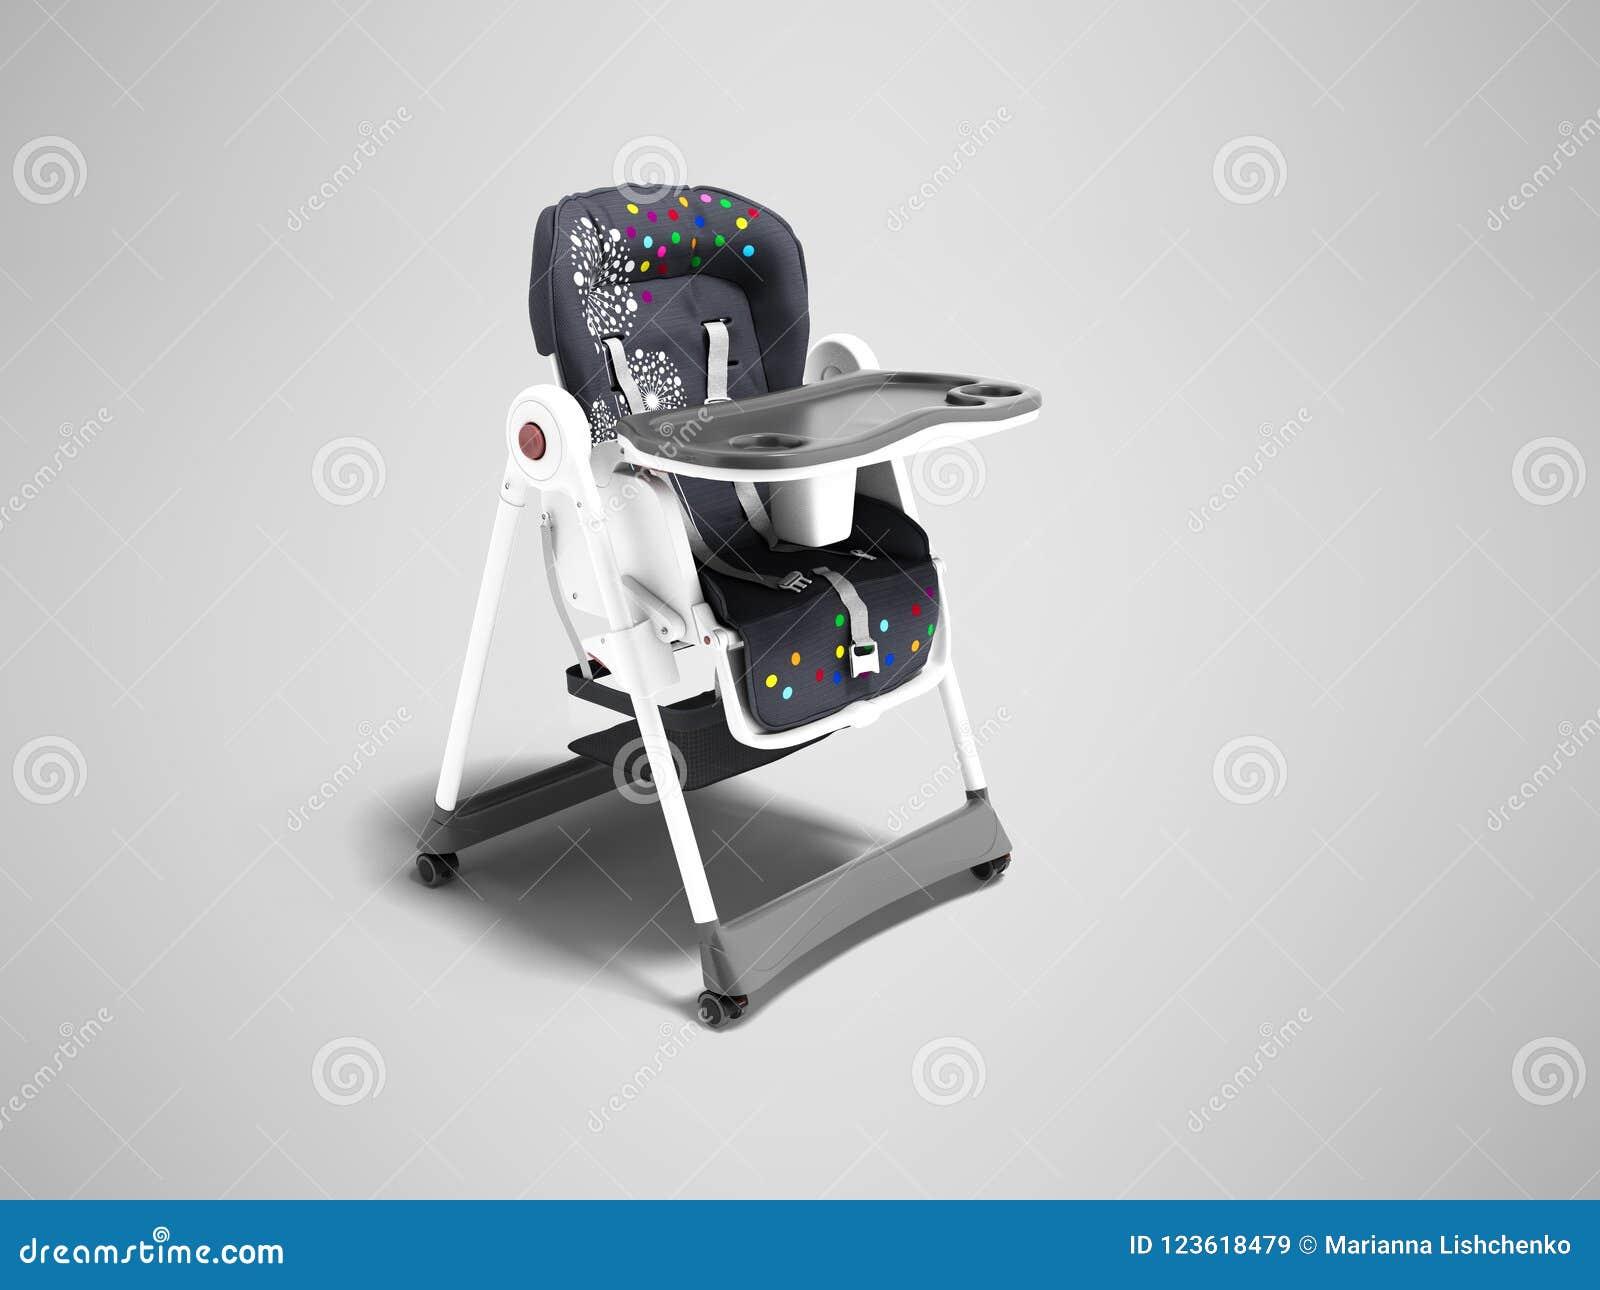 La butaca azul moderna para alimentar al pequeño niño con los cinturones de seguridad y la tabla para la opinión de la taza y de